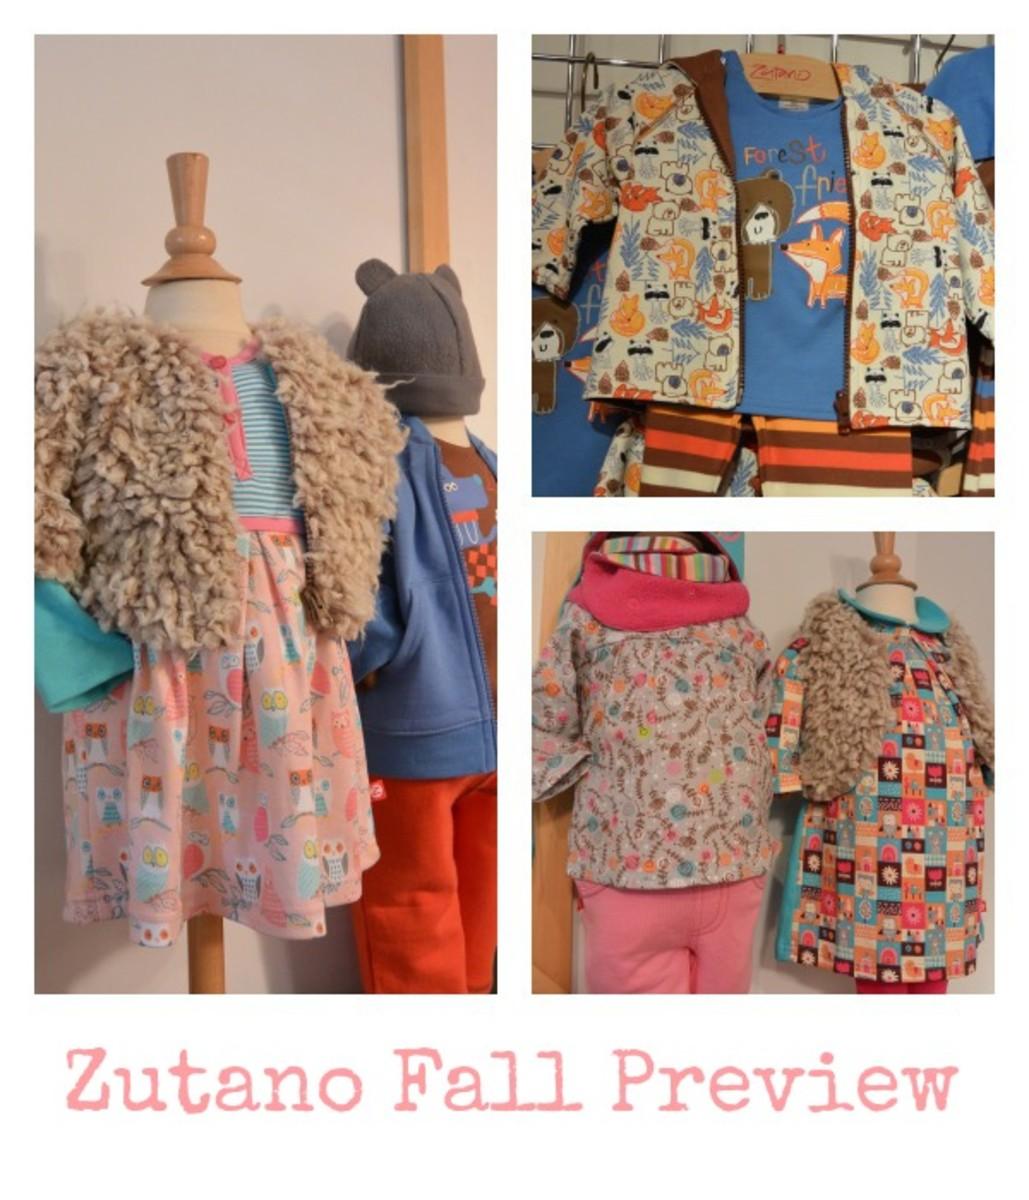 Zutano Fall Preview.jpg.jpg